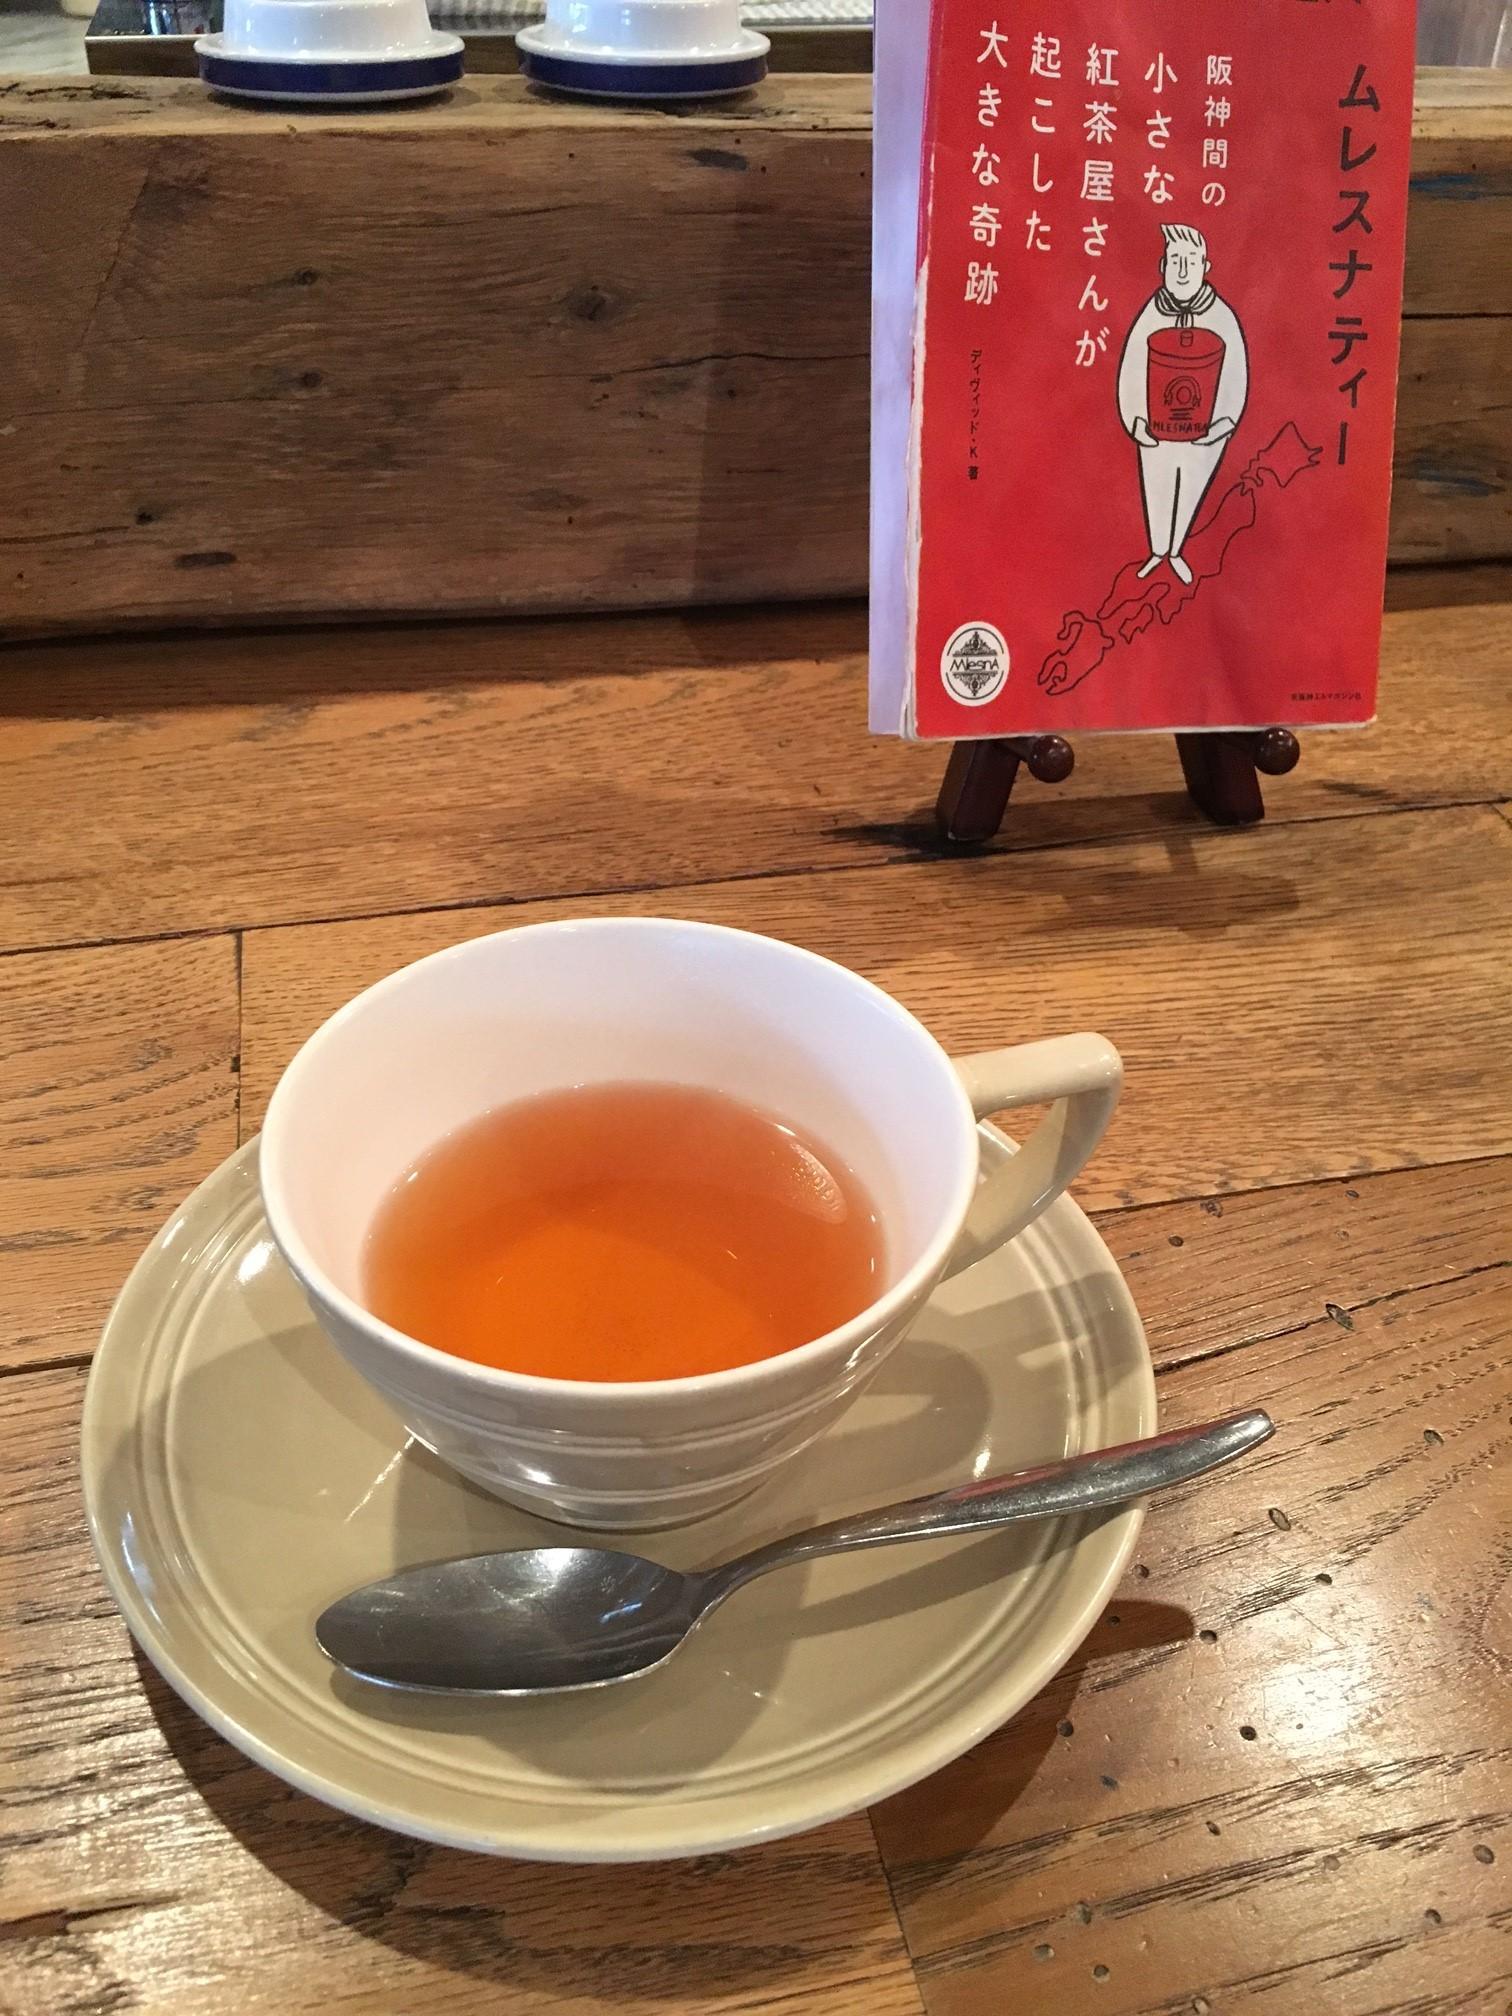 こころゆくまで紅茶を堪能できるお店_1_1